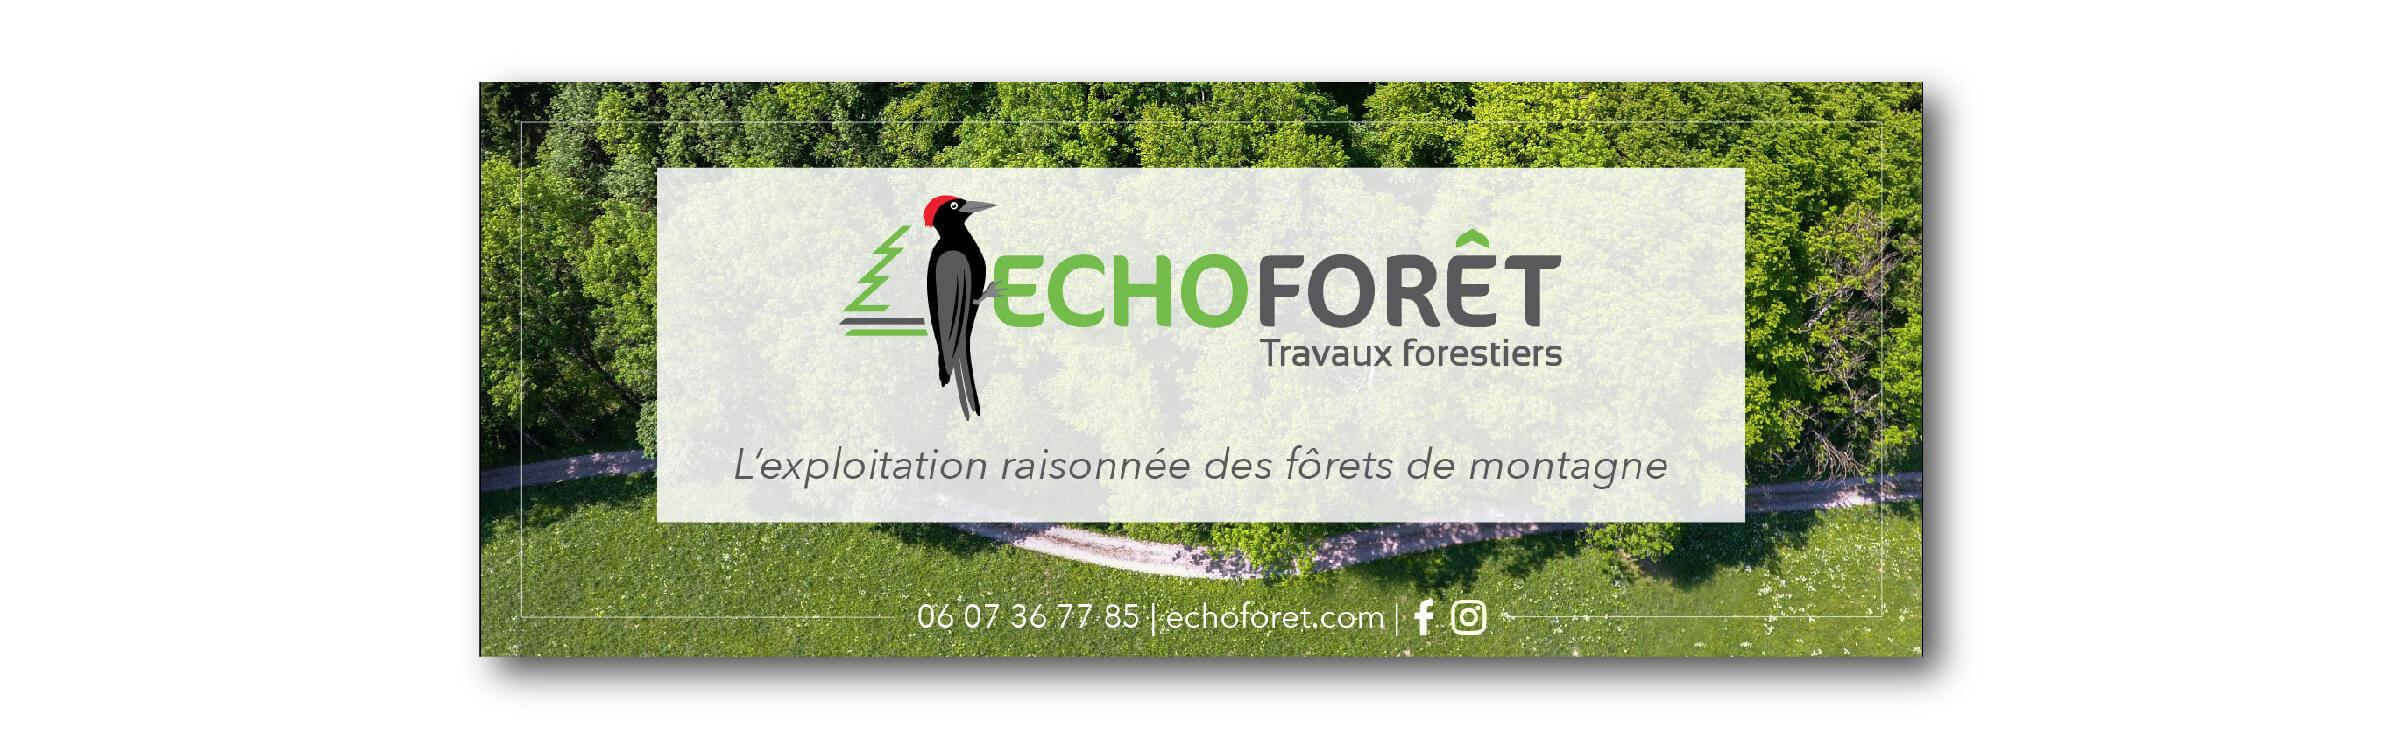 image bannière corporate Echoforêt